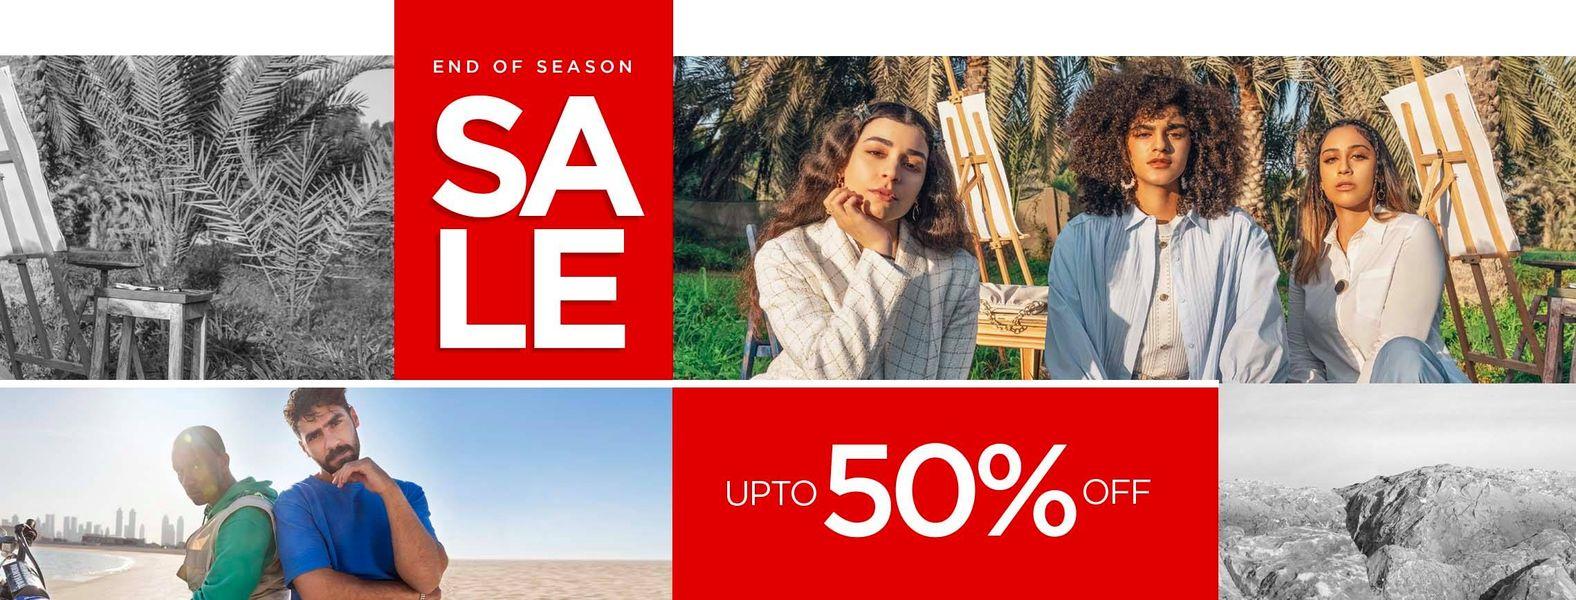 Splash Pakistan - End Of Season Sale